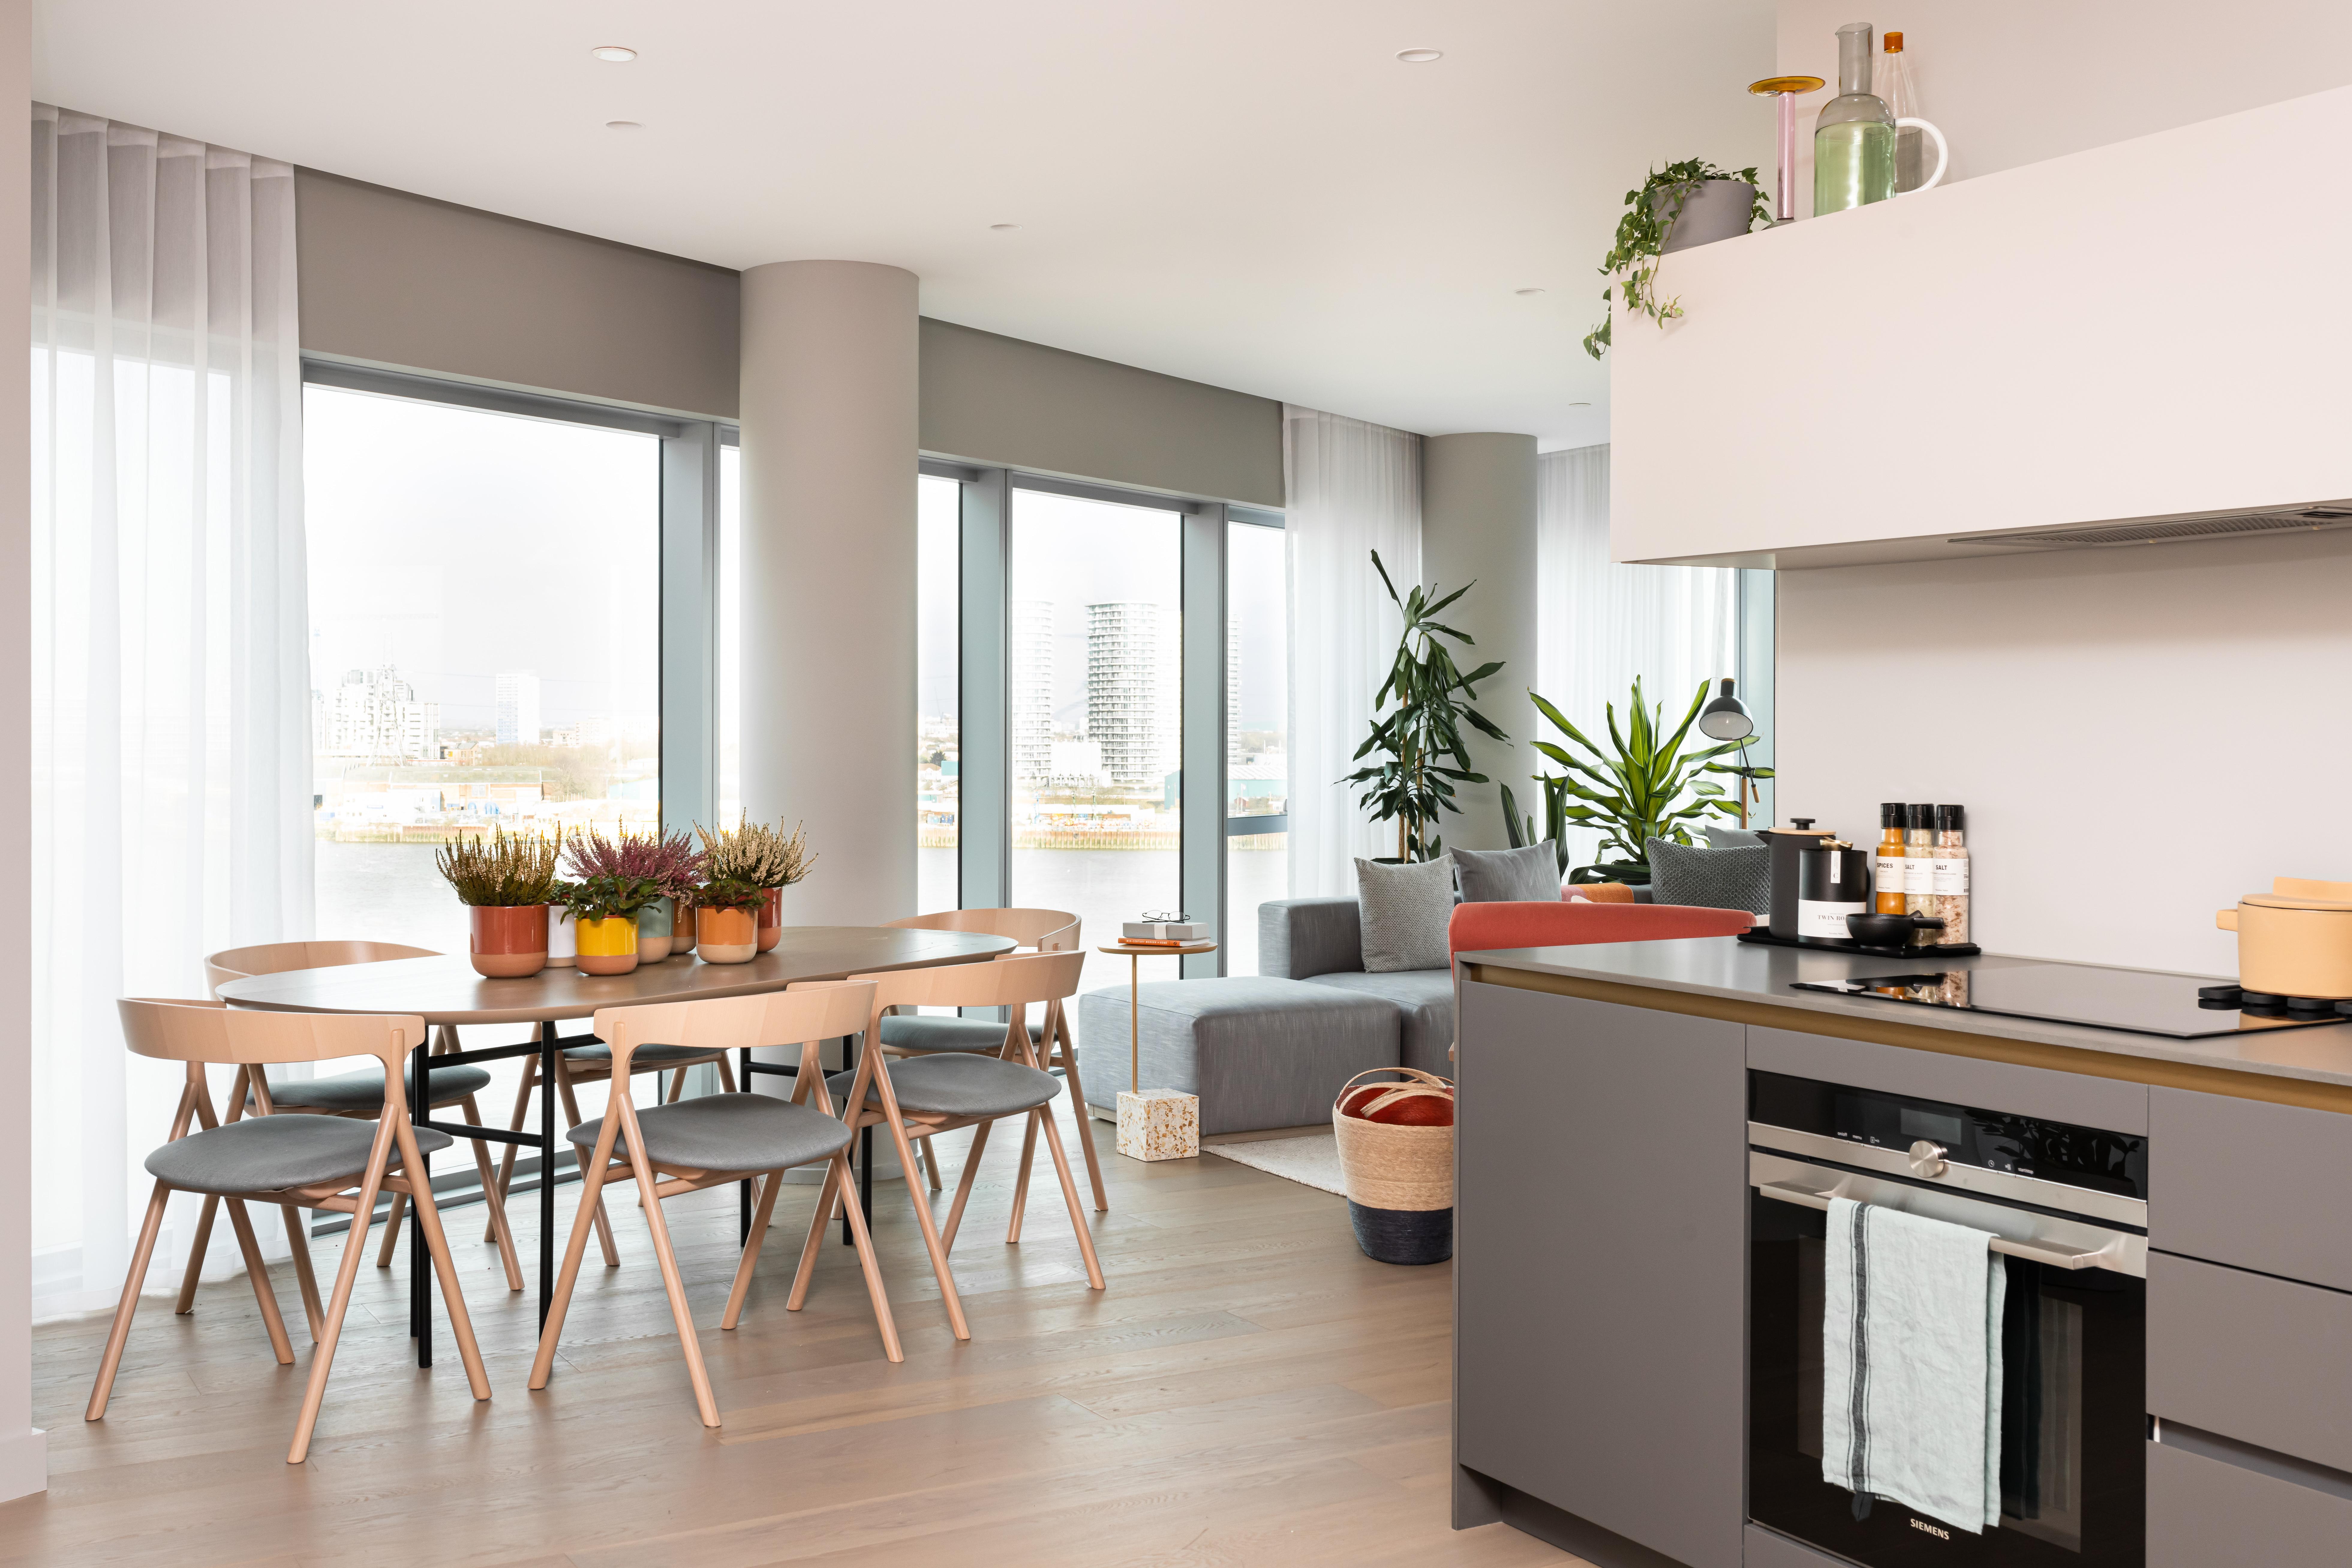 Greenwhich Peninsula kitchen/lounge